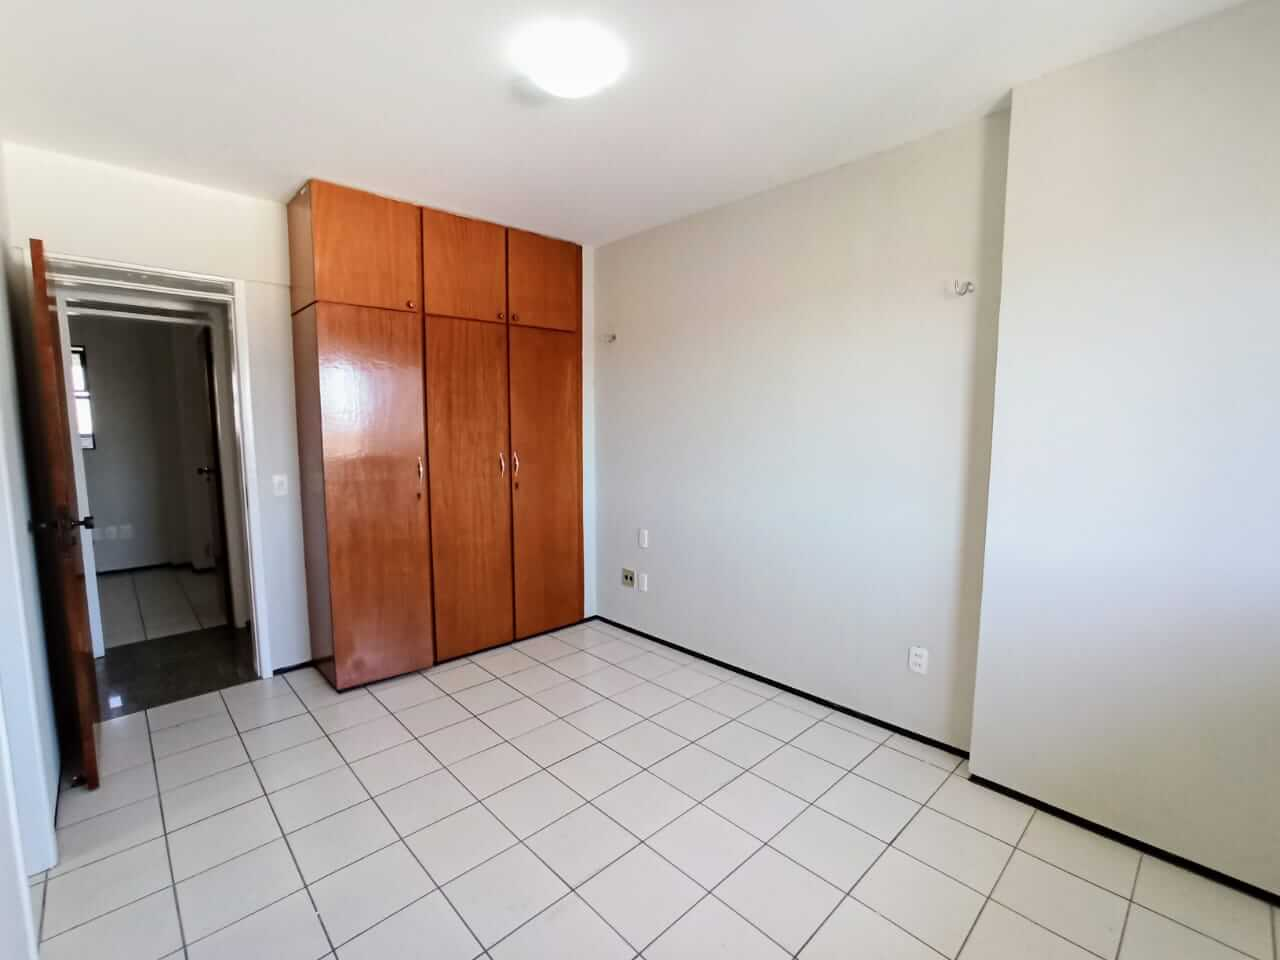 Apartamento com 03 quartos no Varjota